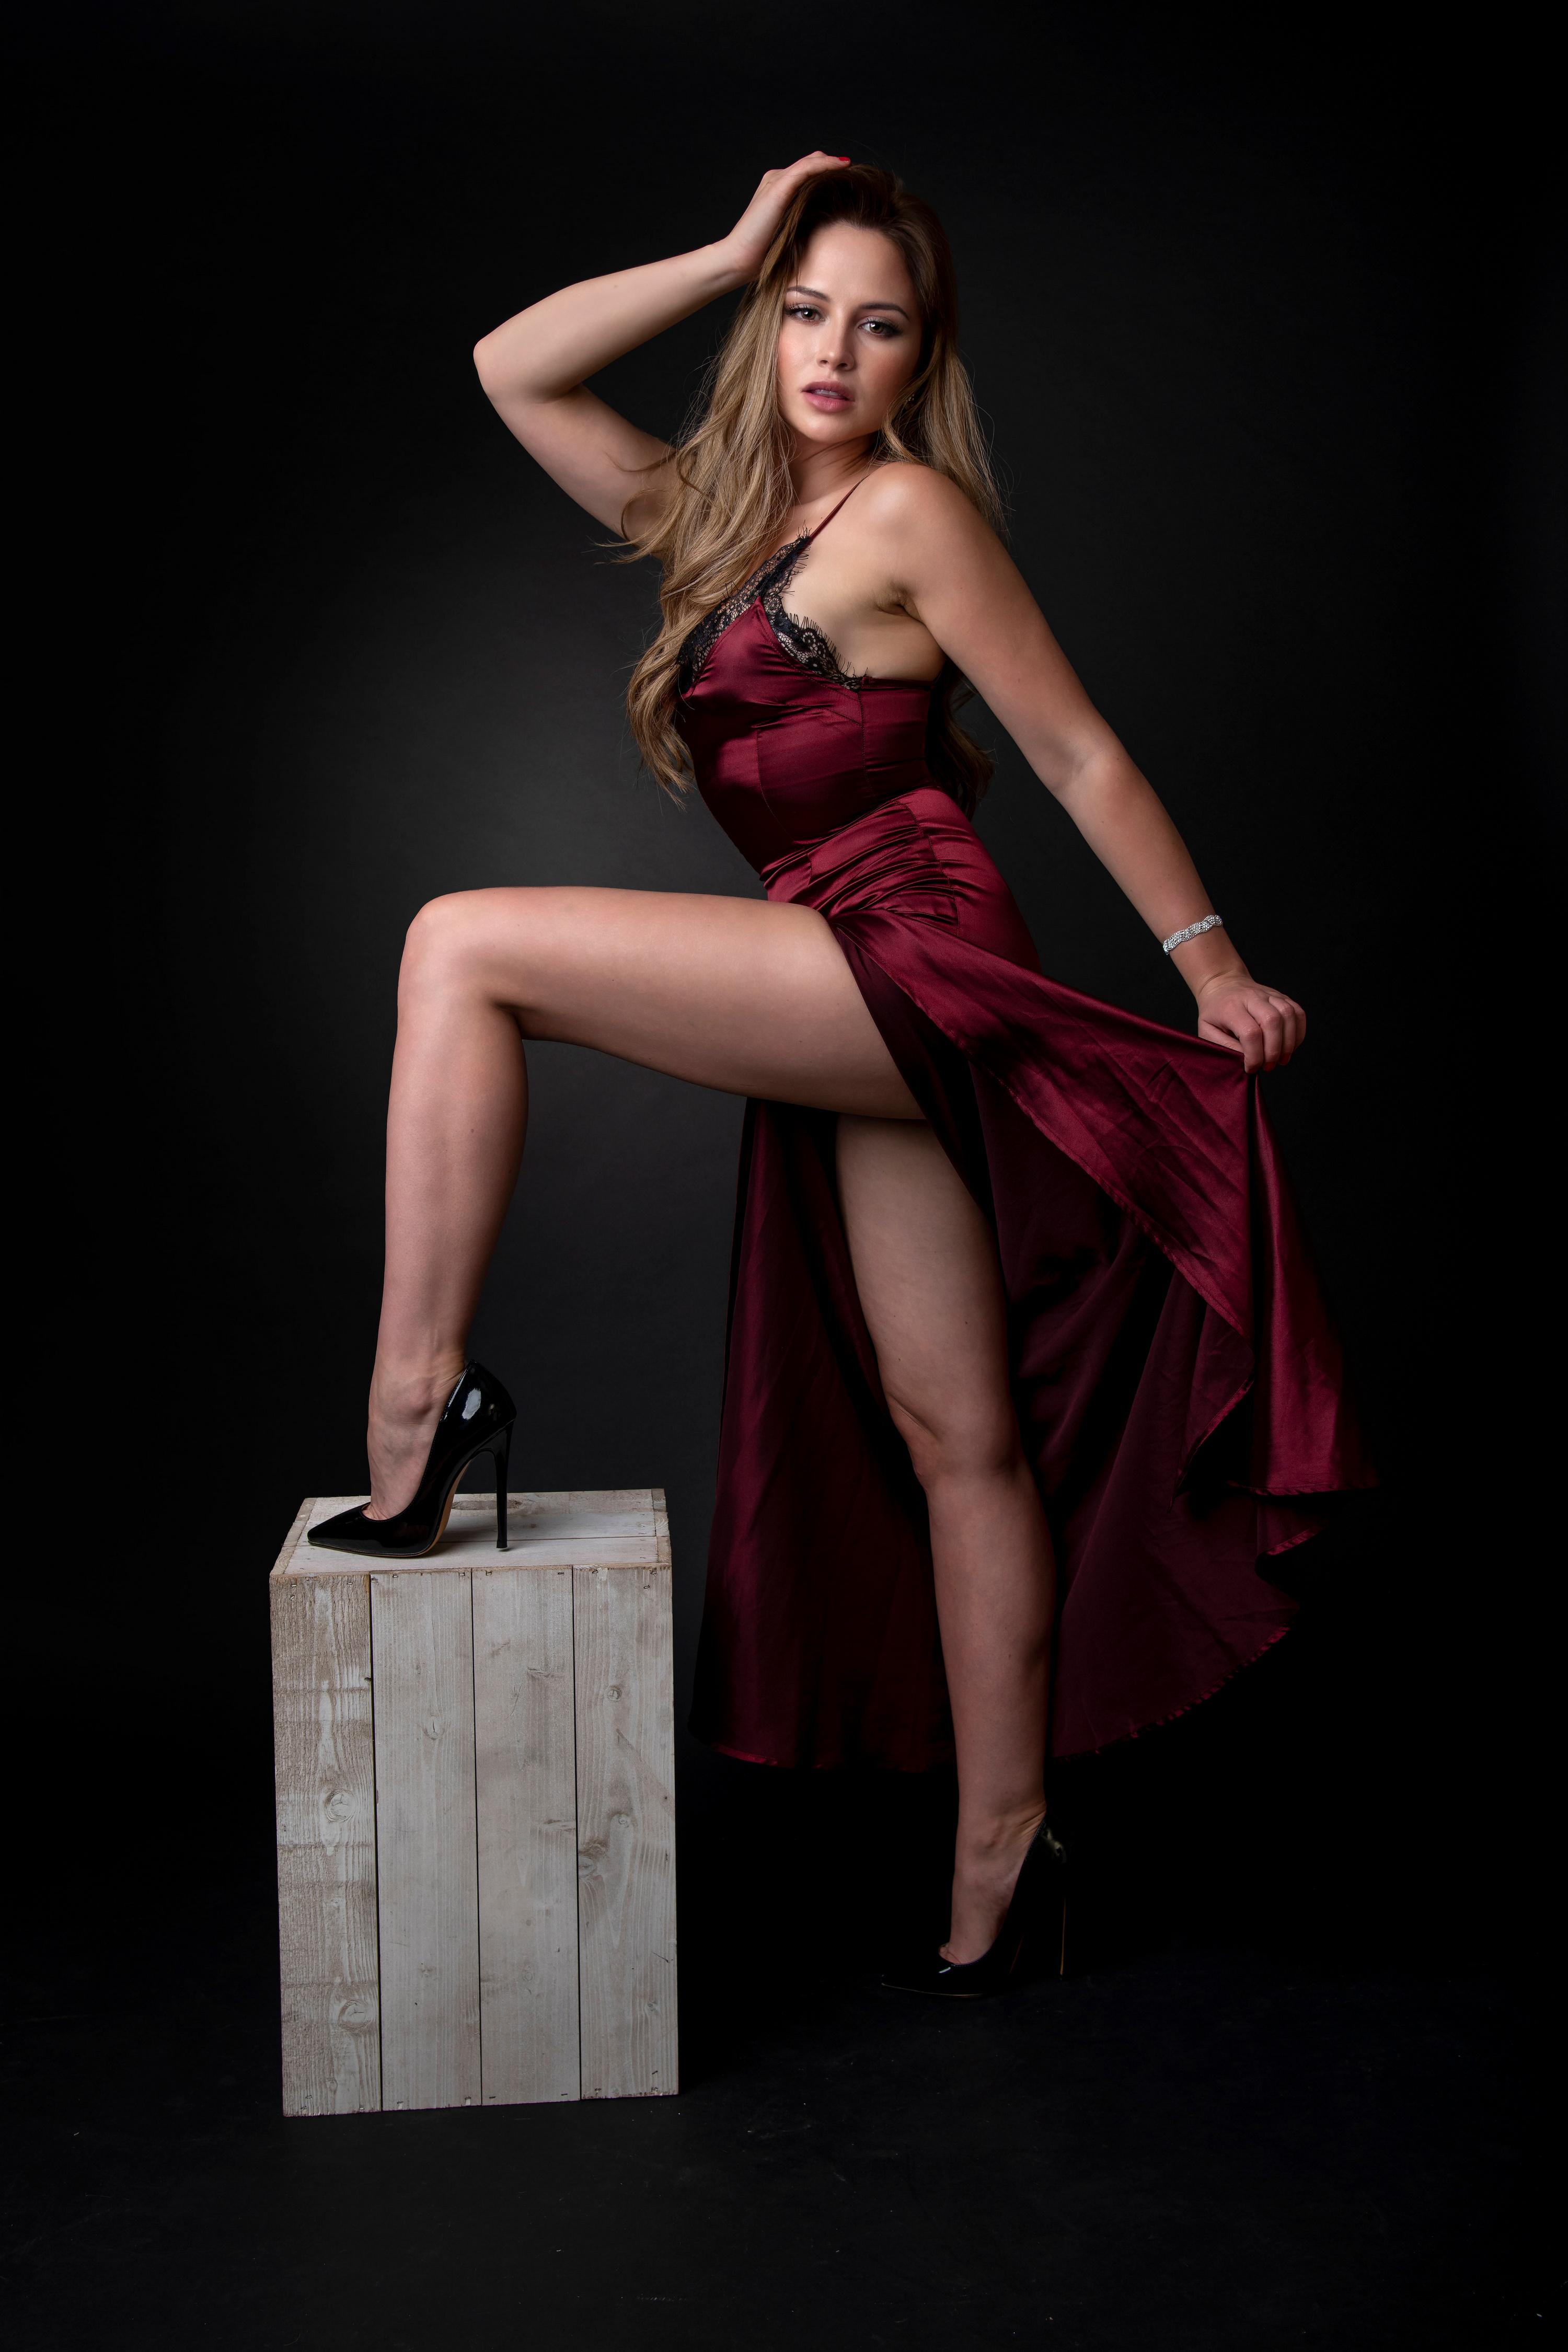 Katie Pose Vestido Pierna Contacto visual mujer joven, mujeres jóvenes, posando Chicas para móvil Teléfono